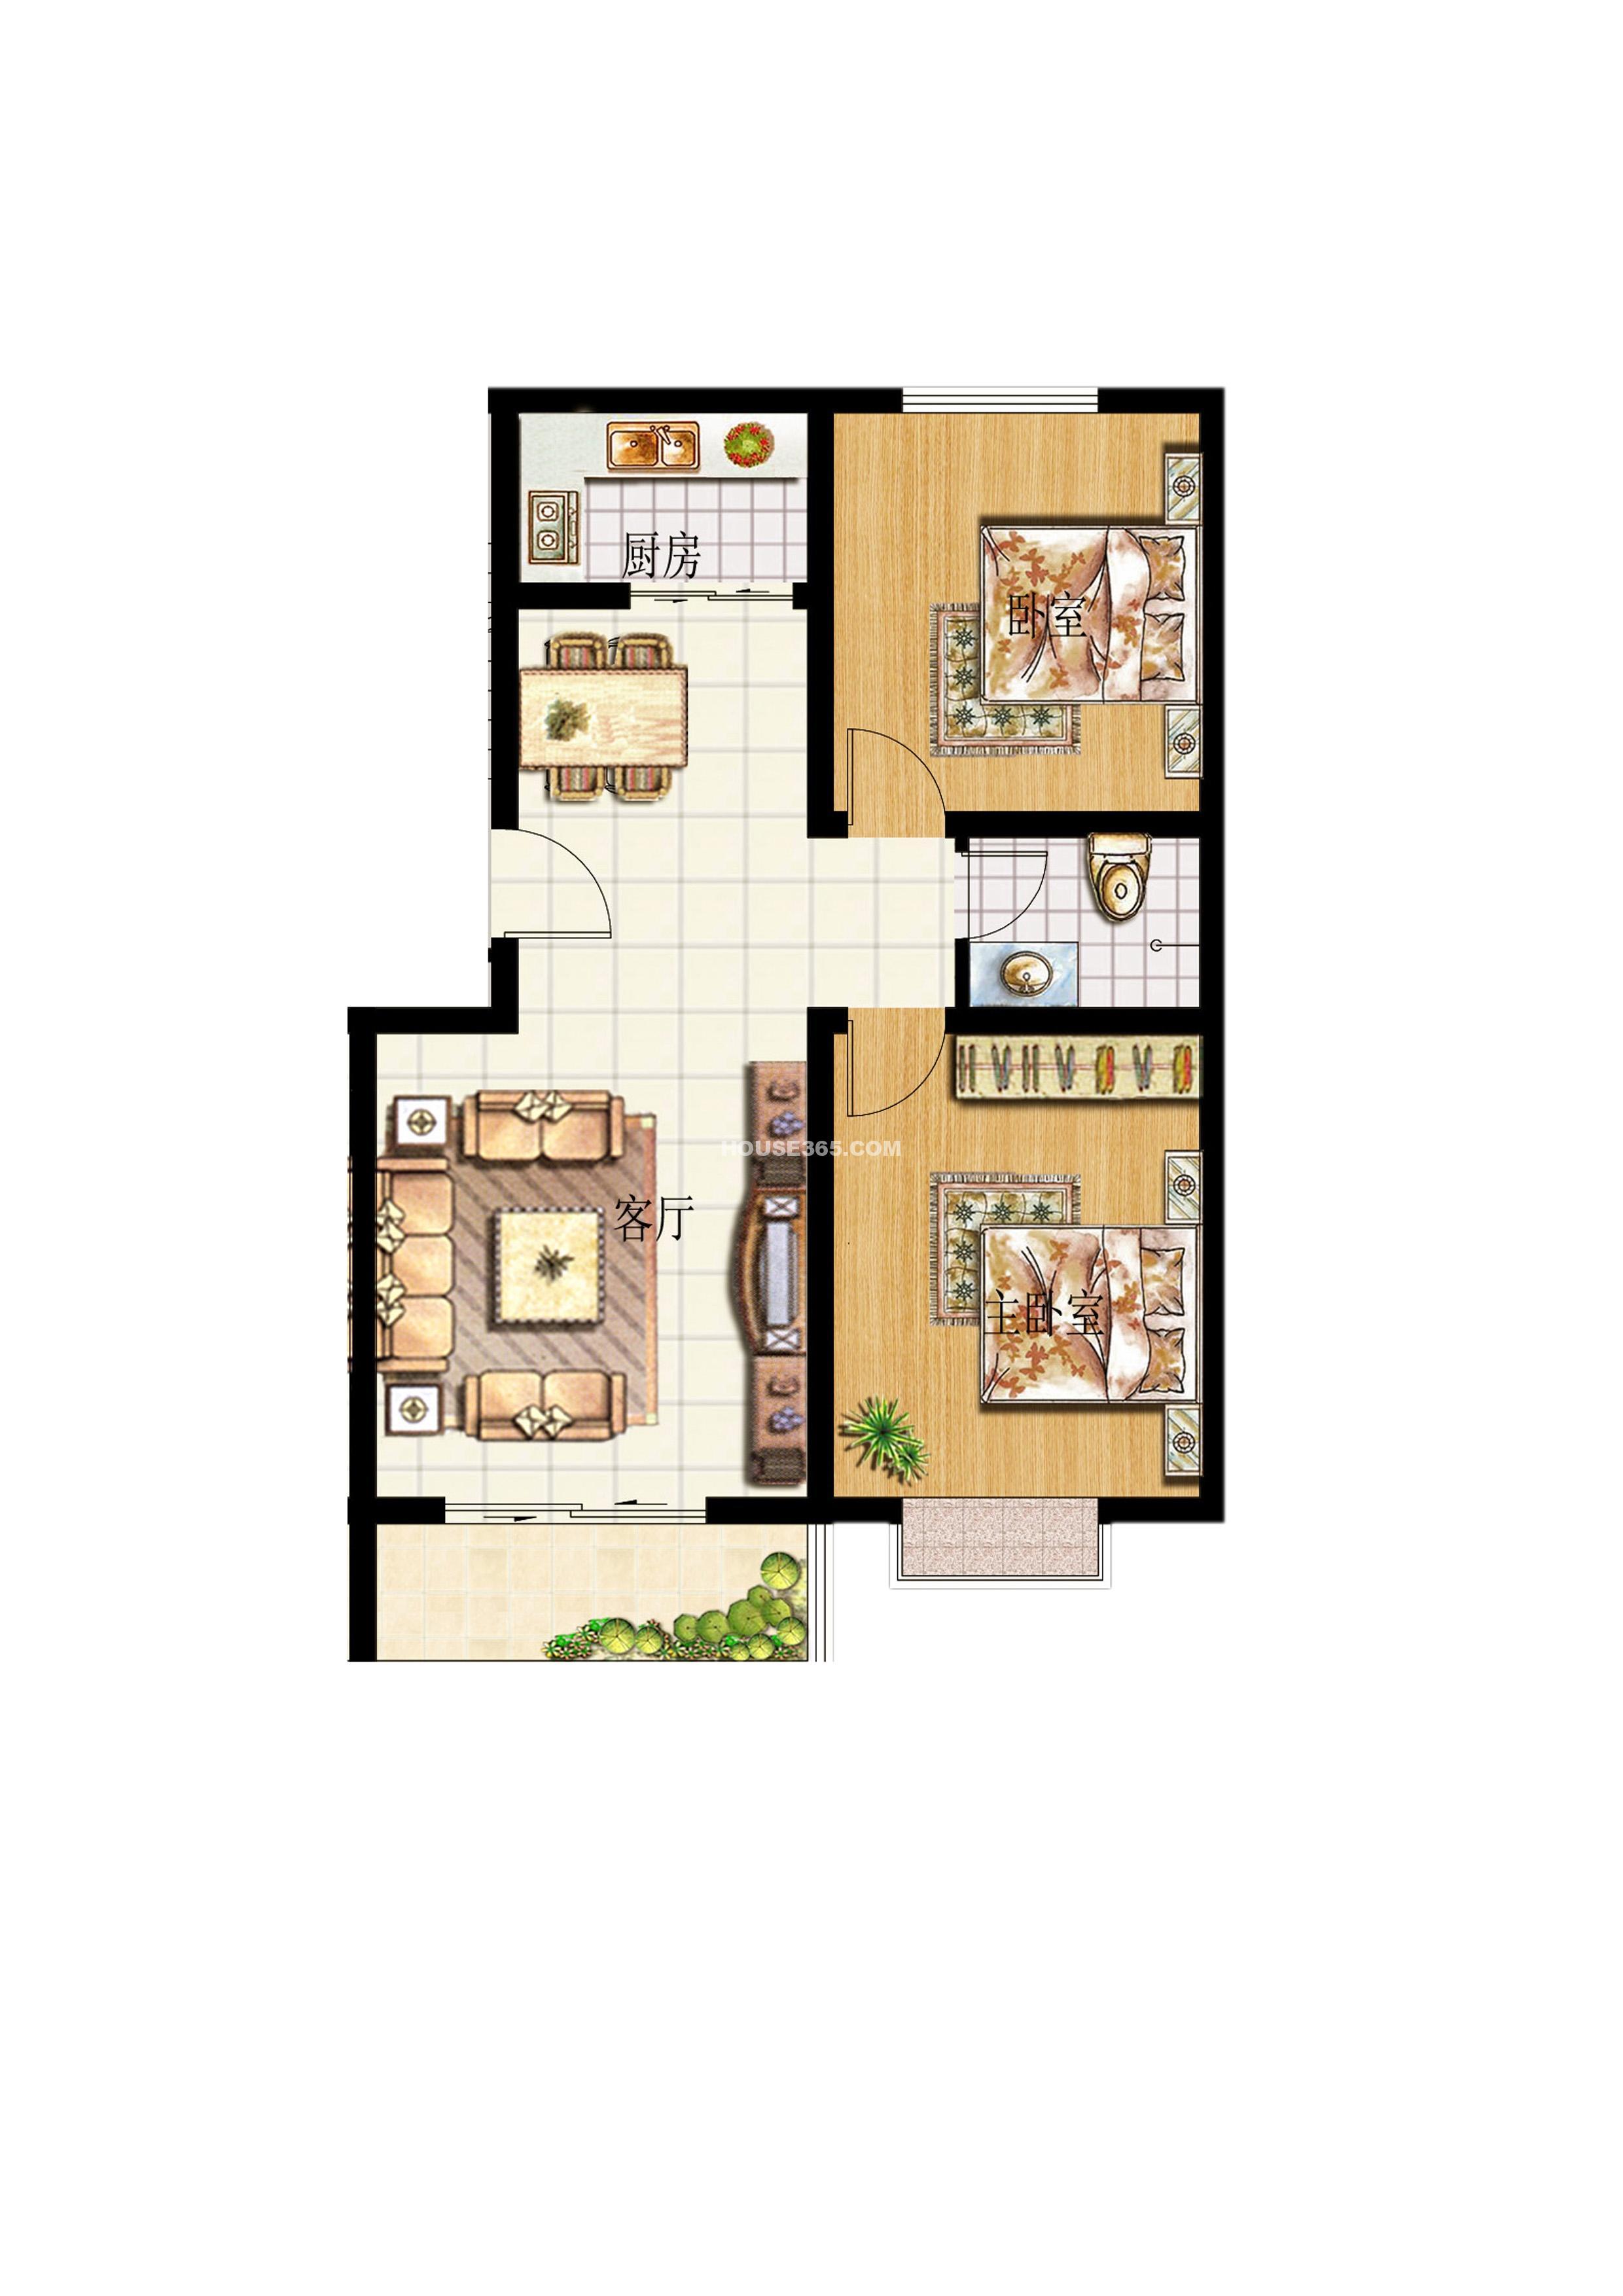 华德水岸花城华德水岸花城效户型图两室两厅一厨一卫 高清图片